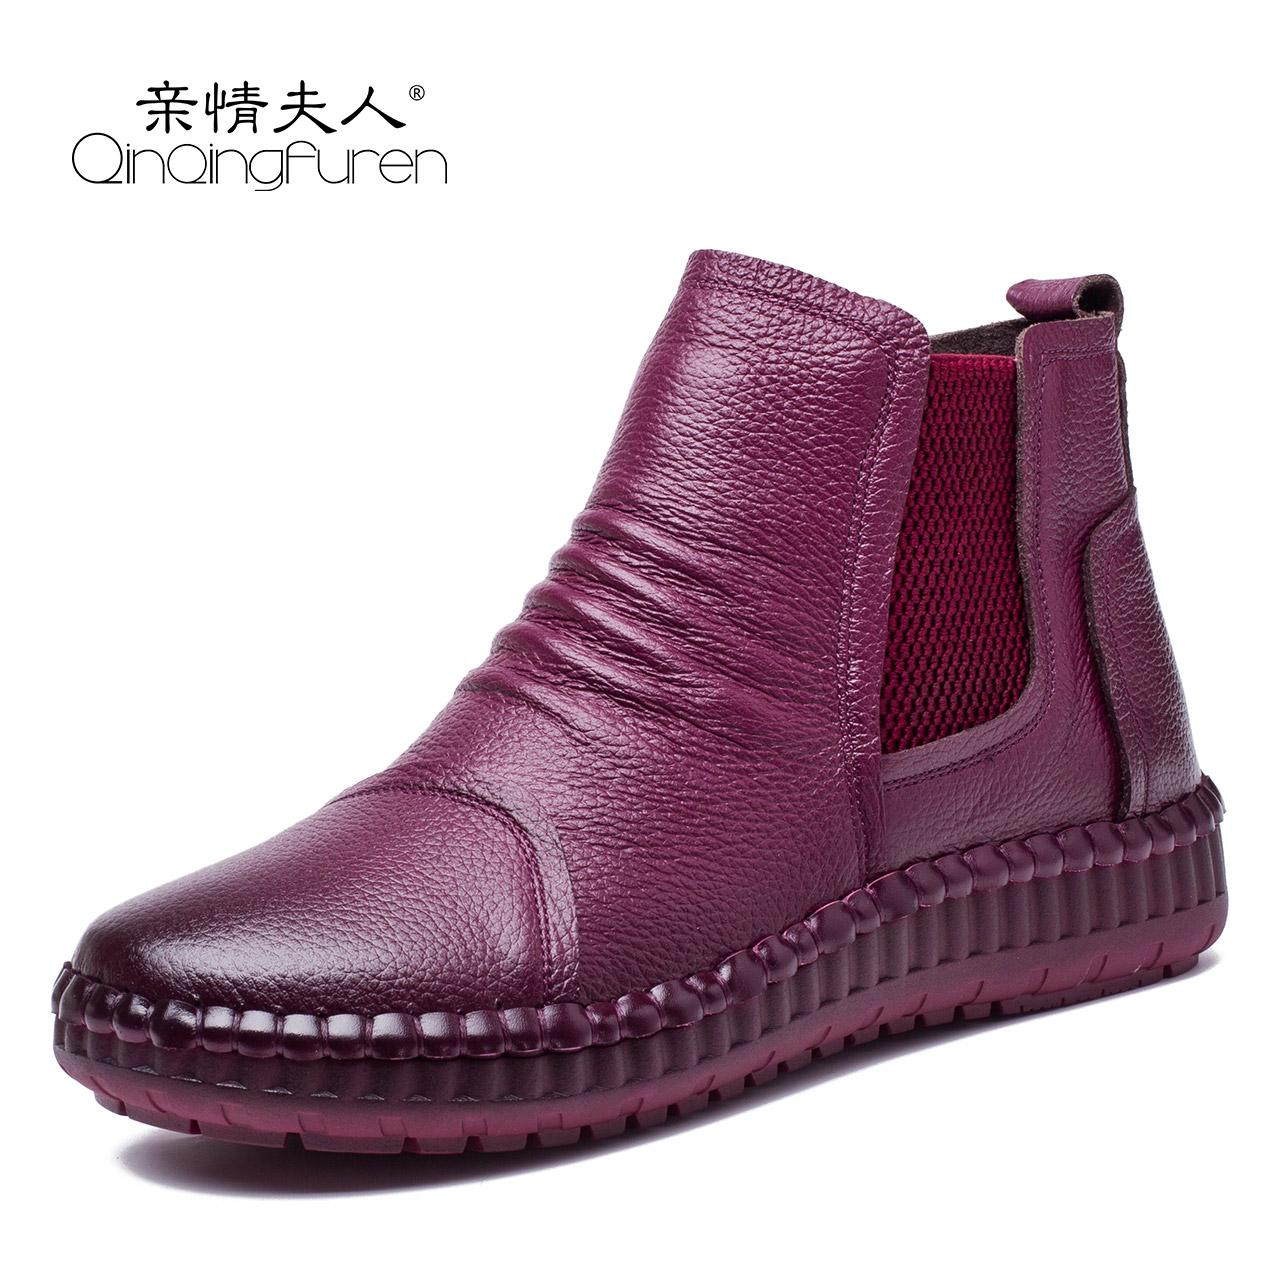 复古真皮妈妈棉鞋女冬季加绒保暖中老年舒适平底防滑短靴2018新款